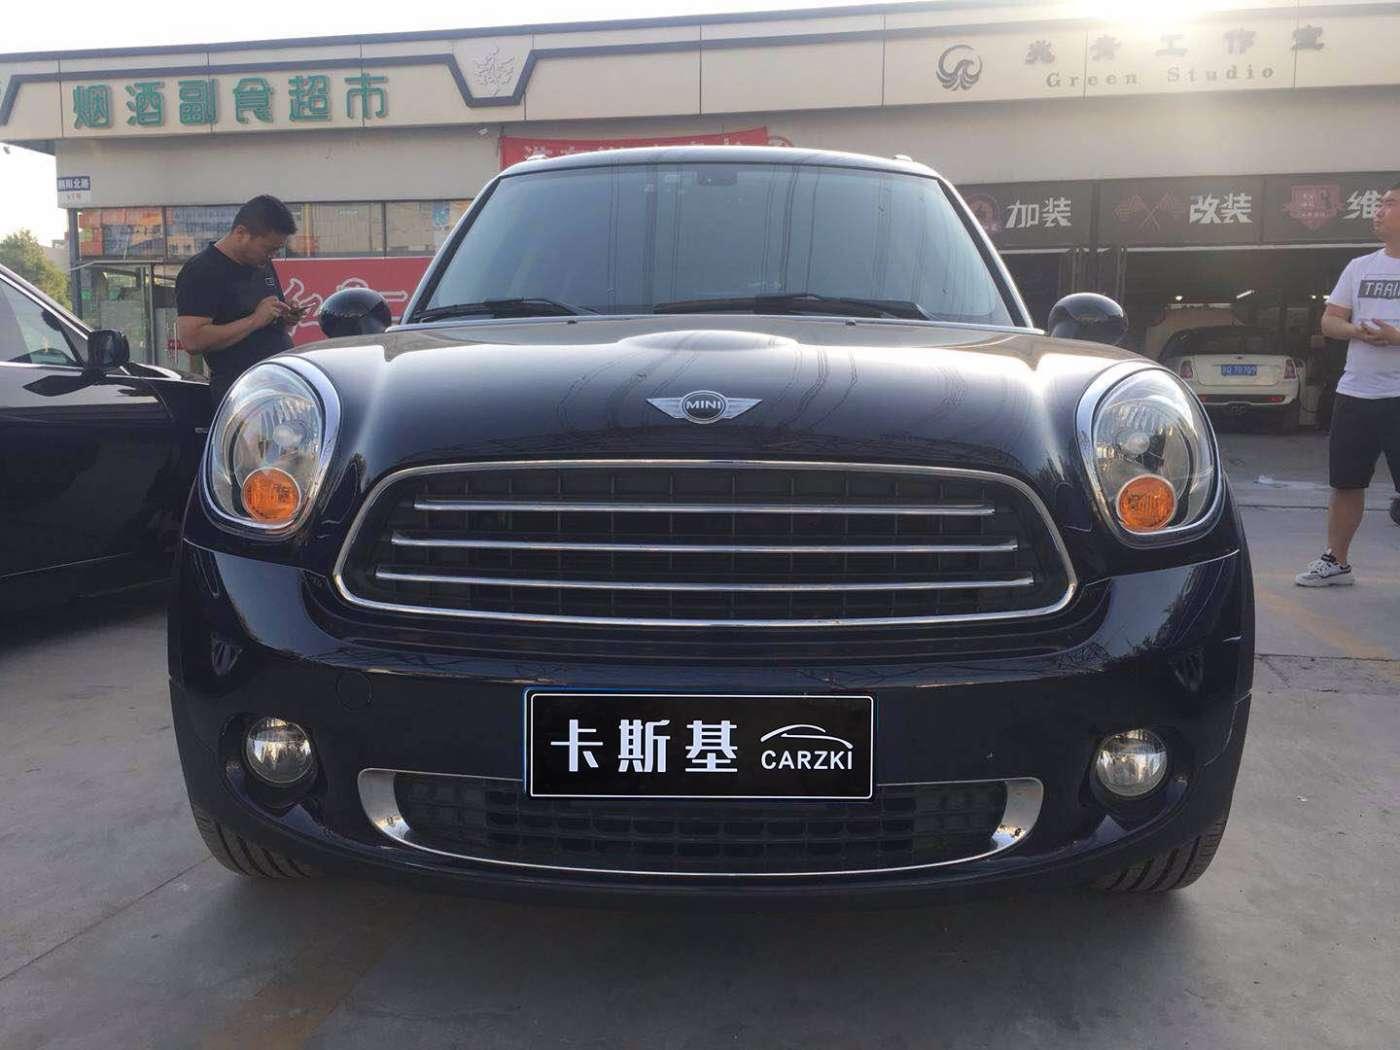 2012年04月 MINI 2011款 1.6L COOPER Fun|甄选宝马-北京卡斯基汽车服务有限公司